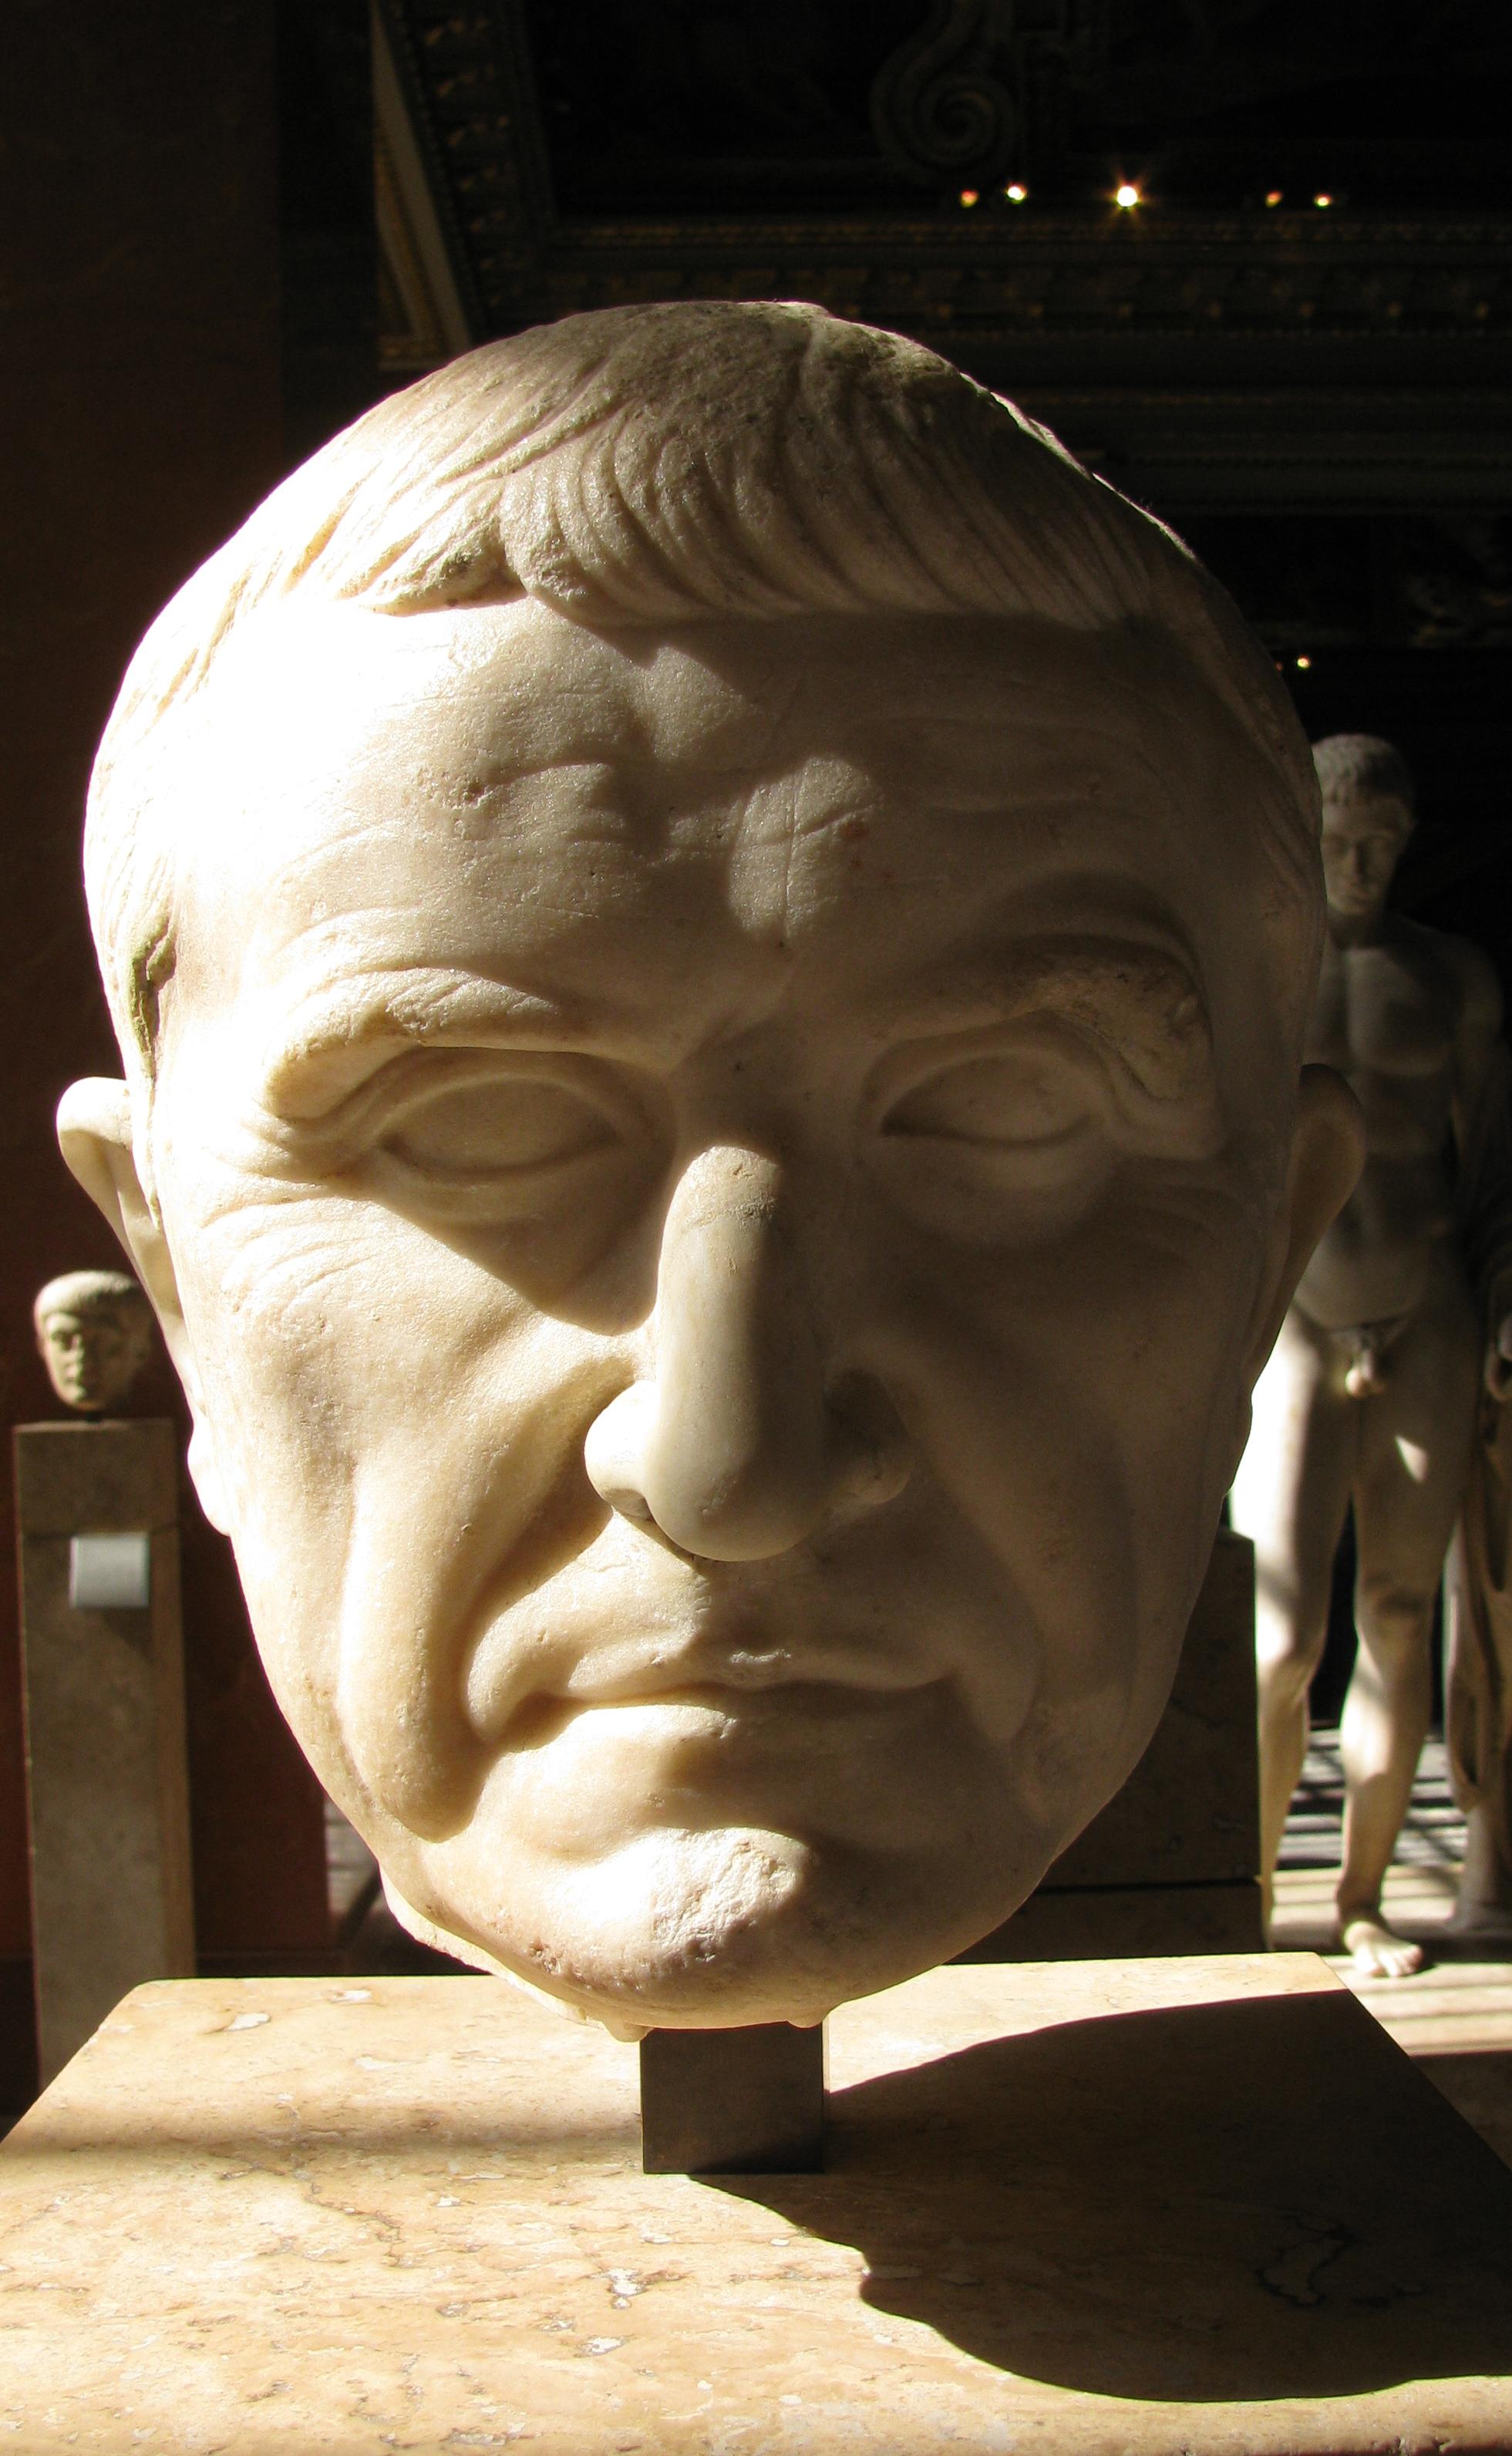 19. Bust of Marcus Licinius Crassus from the Louvre, Paris.